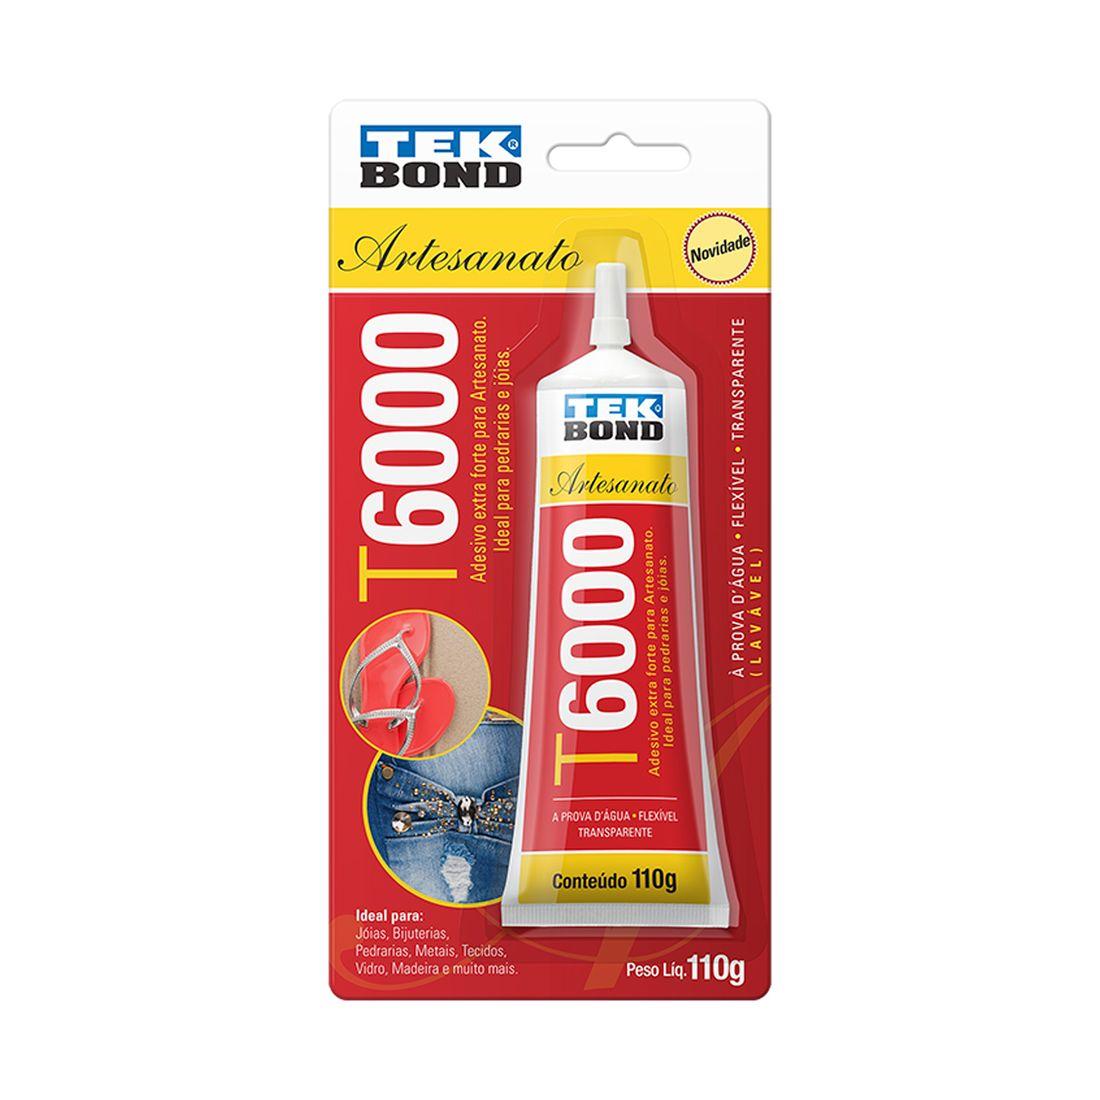 T6000-110g-Tek-bondsite